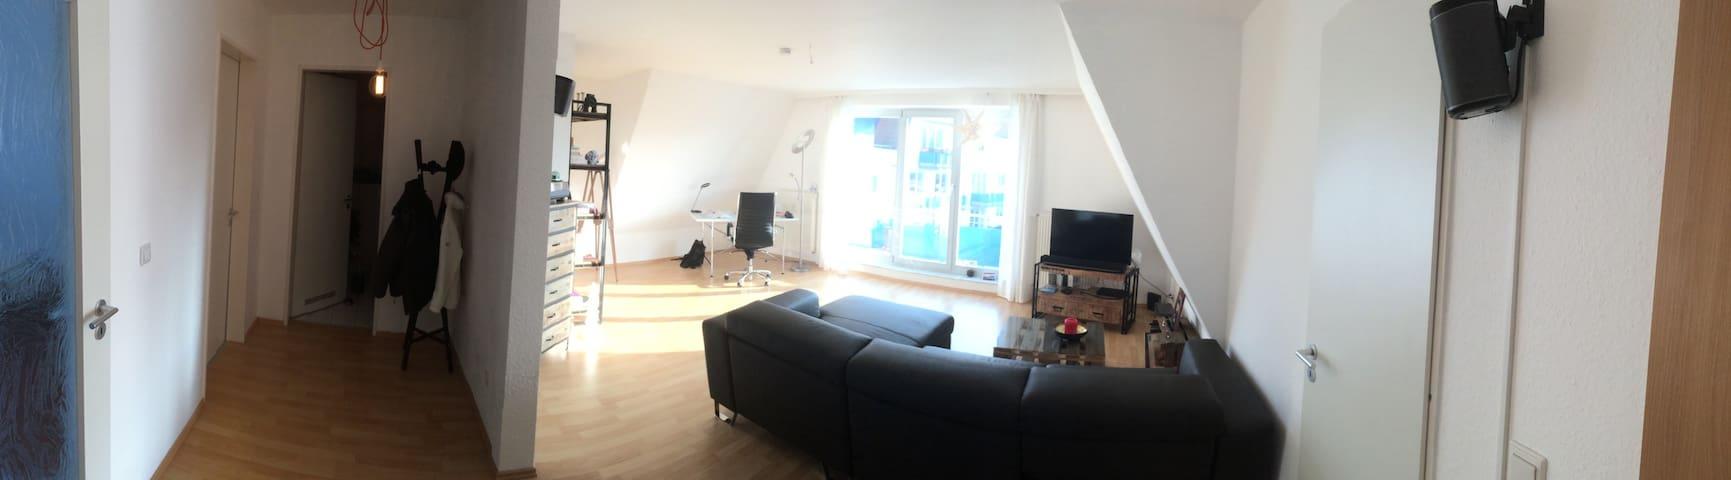 biete moderne 2-Raumwohnung für schöne Tage in HGW - Greifswald - Lägenhet